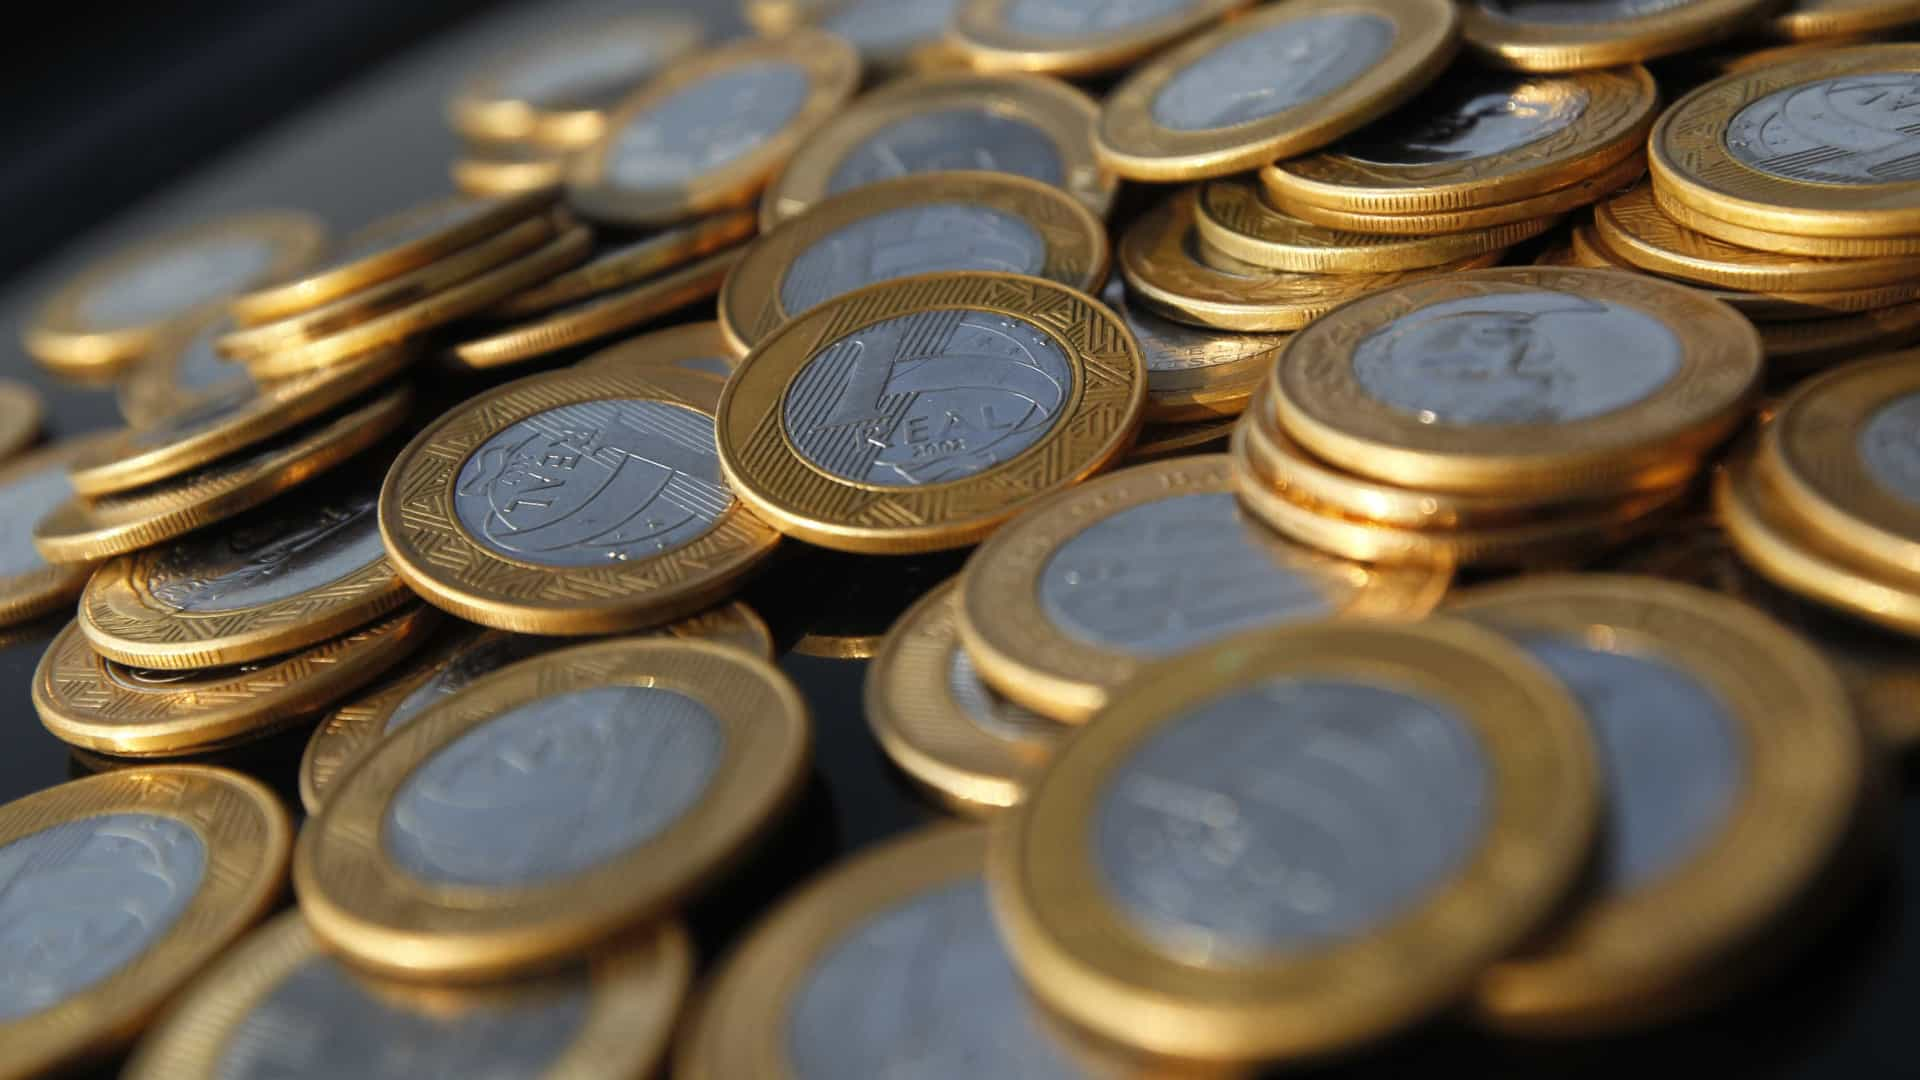 Receita Federal busca recuperar quase R$ 2,5 bilhões em sonegação